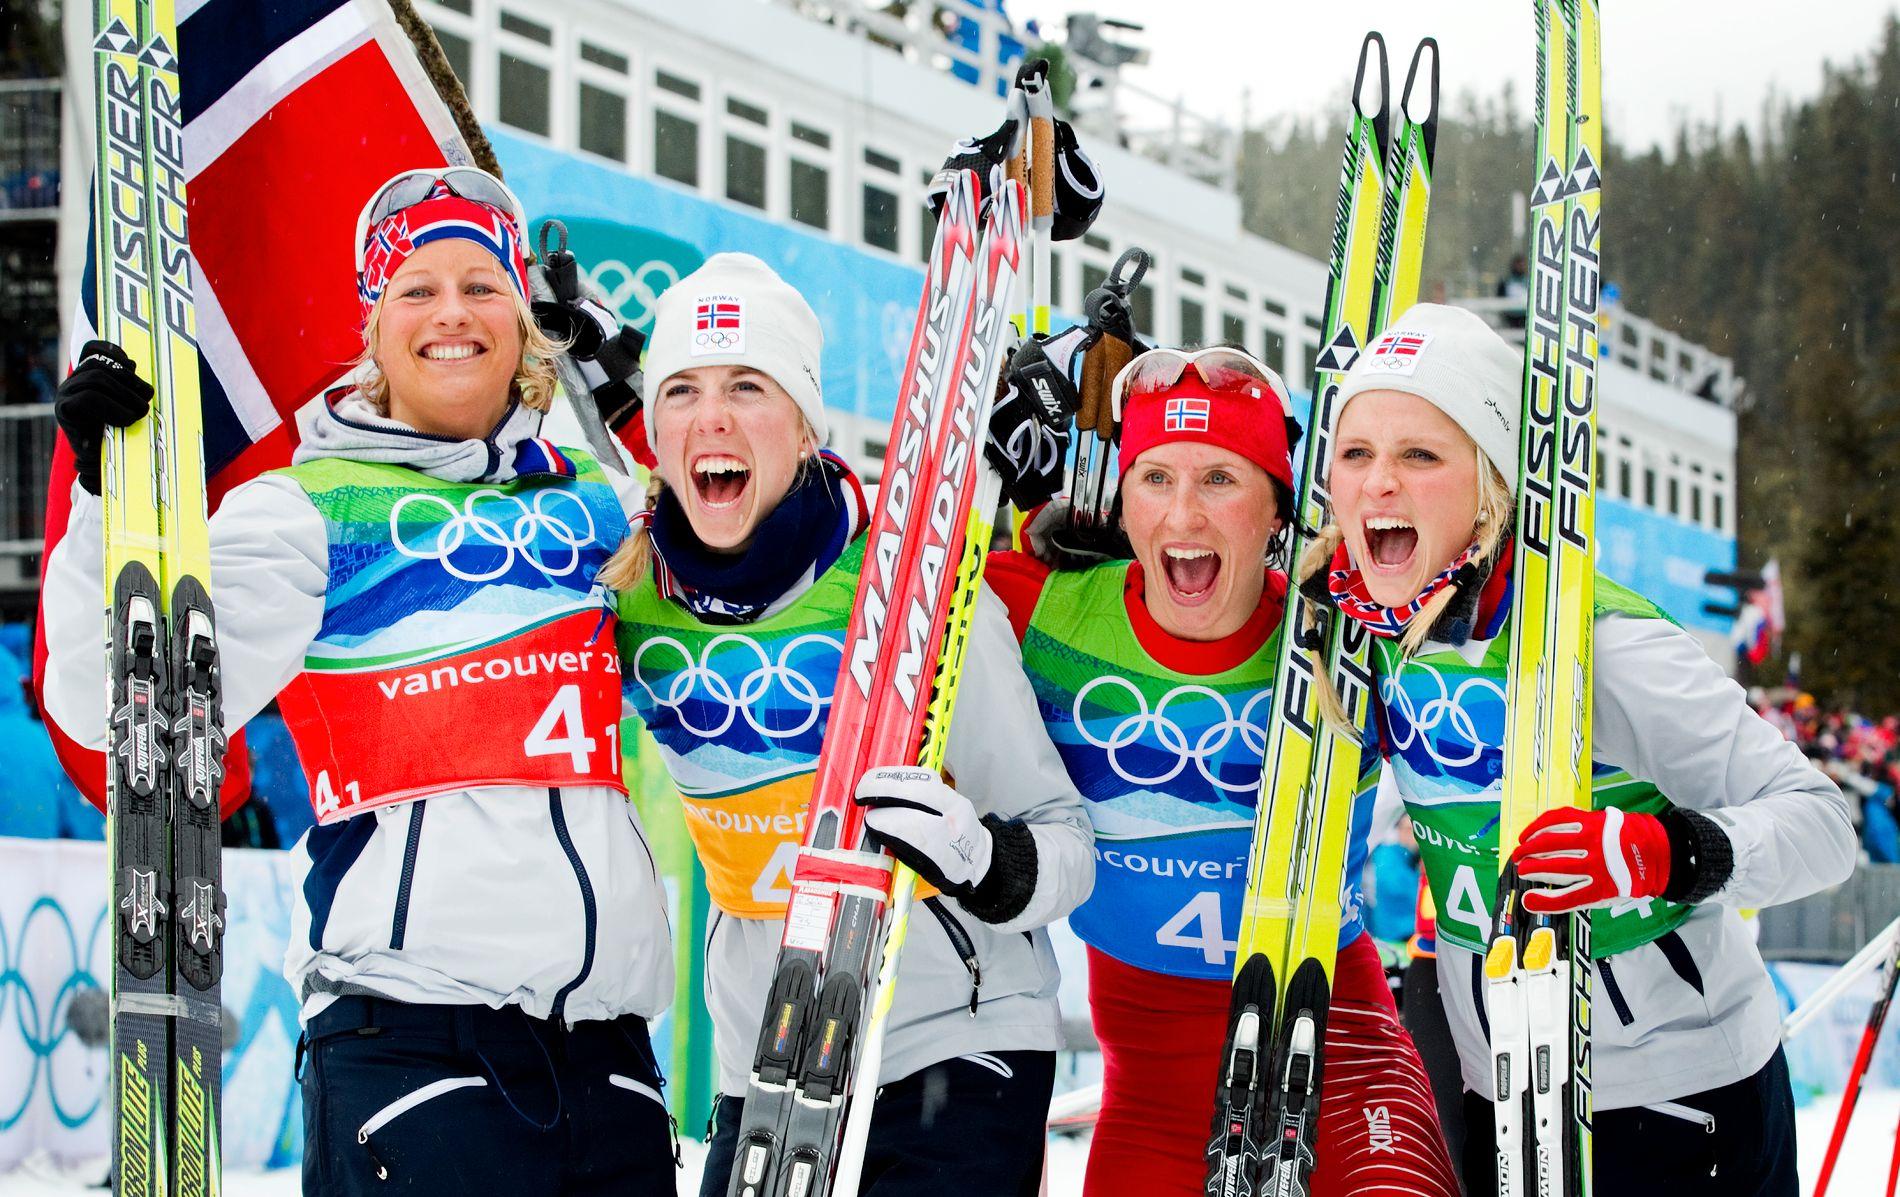 VANT DET STØRSTE SAMMEN: Vibeke Skofterud, Kristin Størmer Steira, Marit Bjørgen og Therese Johaug jubler foran fotografene. Det er ikke så rart. De har akkurat vunnet OL-gull under stafetten i Vancouver.